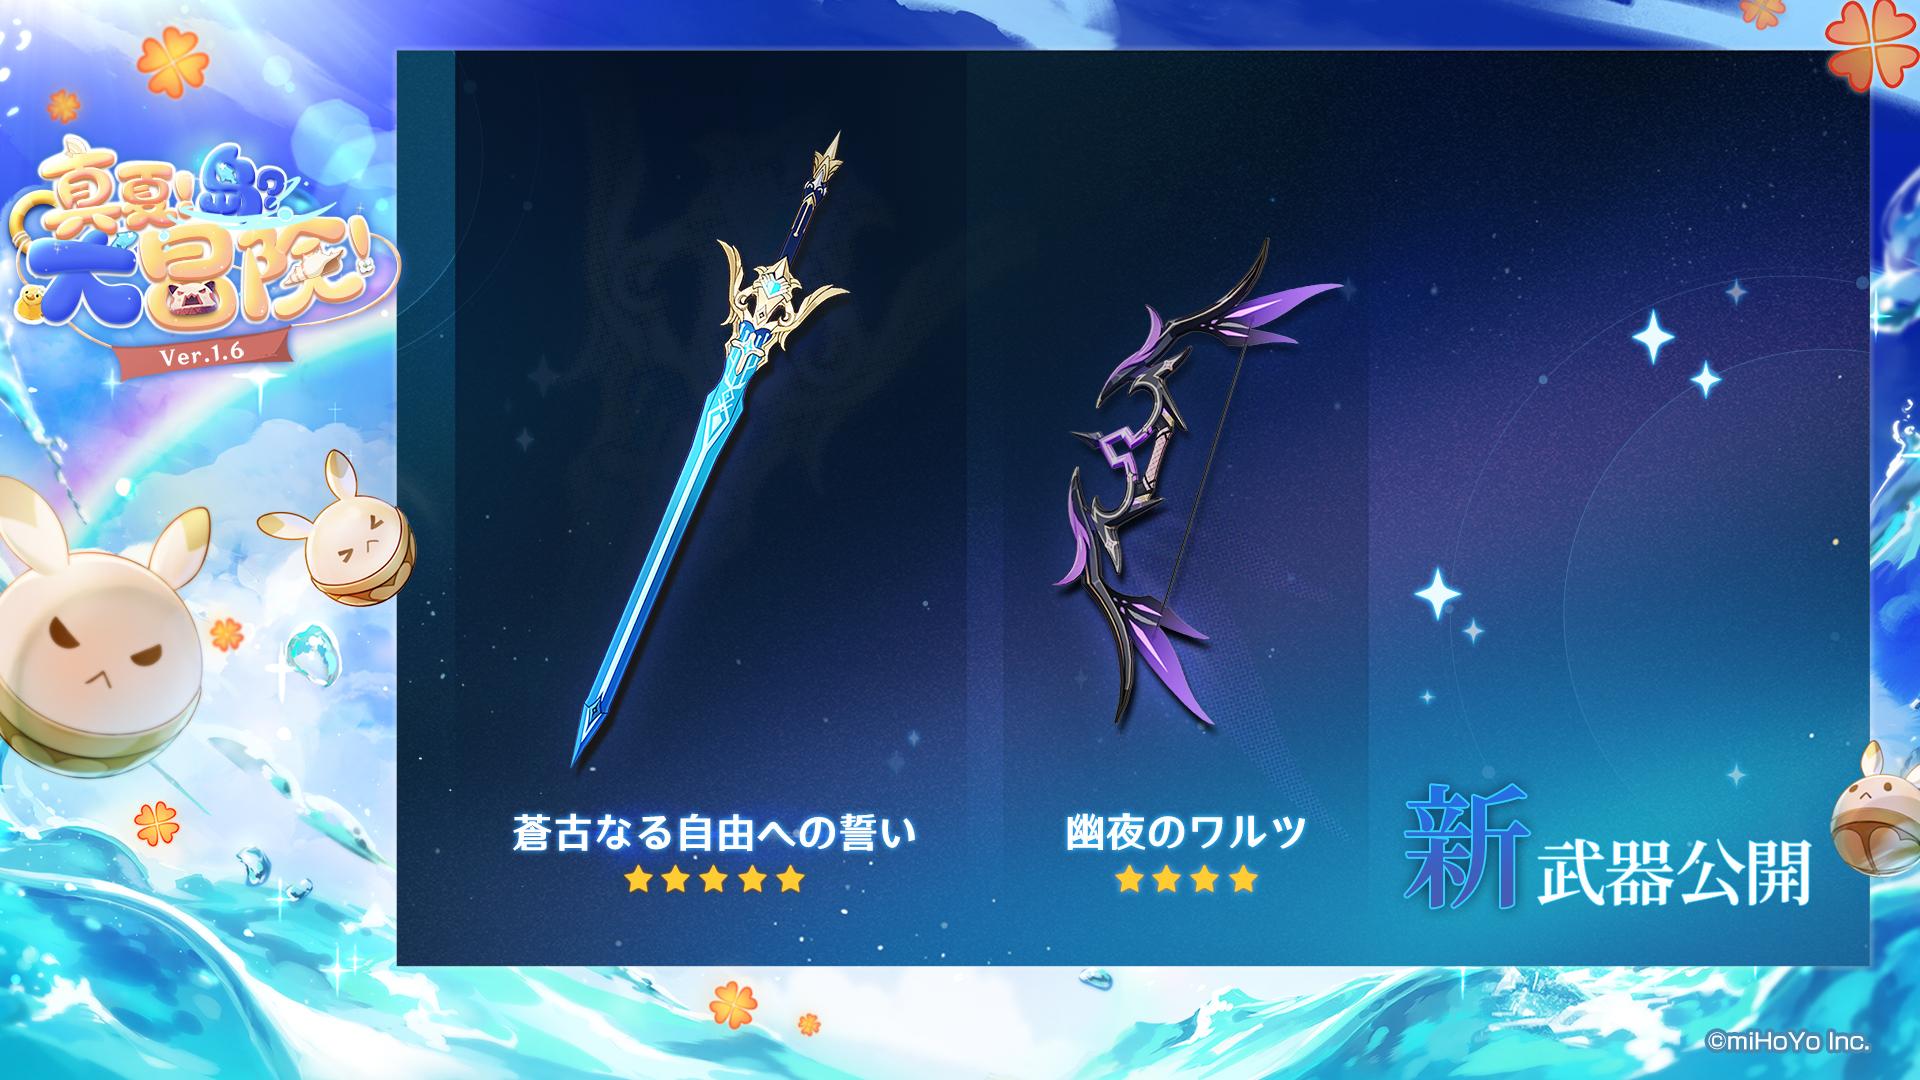 Ver.1.6 新武器「幽夜のワルツ(弓)」「蒼子なる自由への誓い(片手剣)」